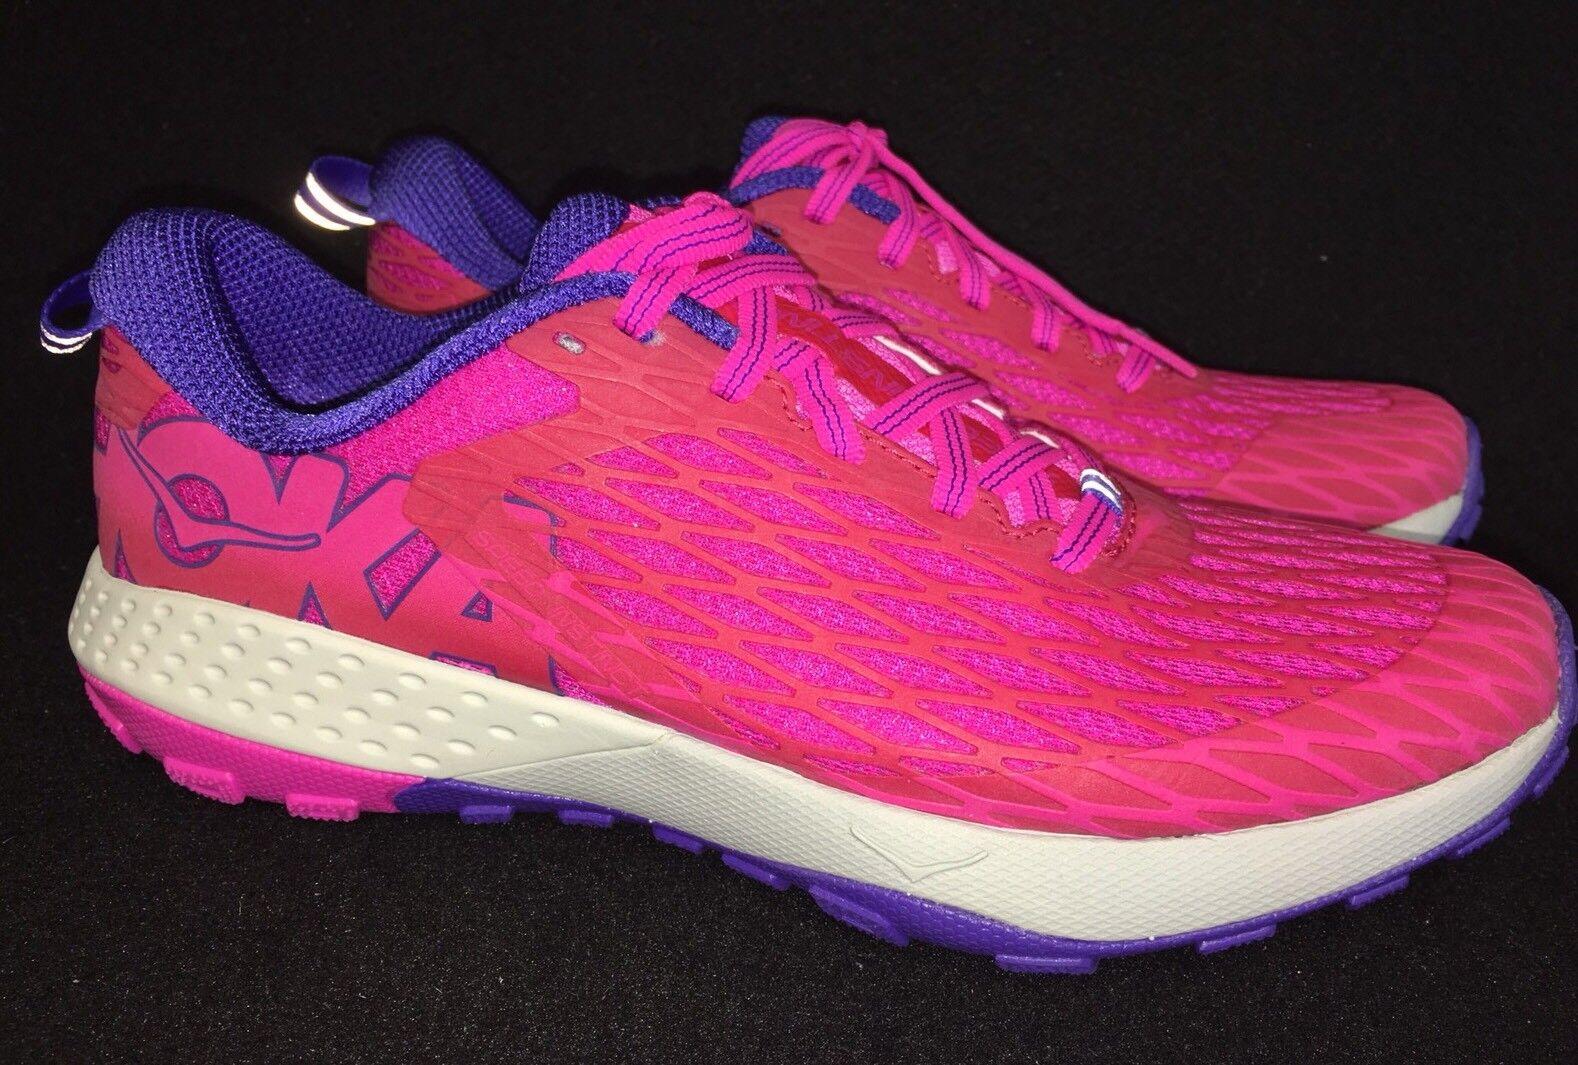 HOKA ONE ONE SPEED INSTINCT Virtual rosa   Neon Fuchsia Tennis RUNNING scarpe